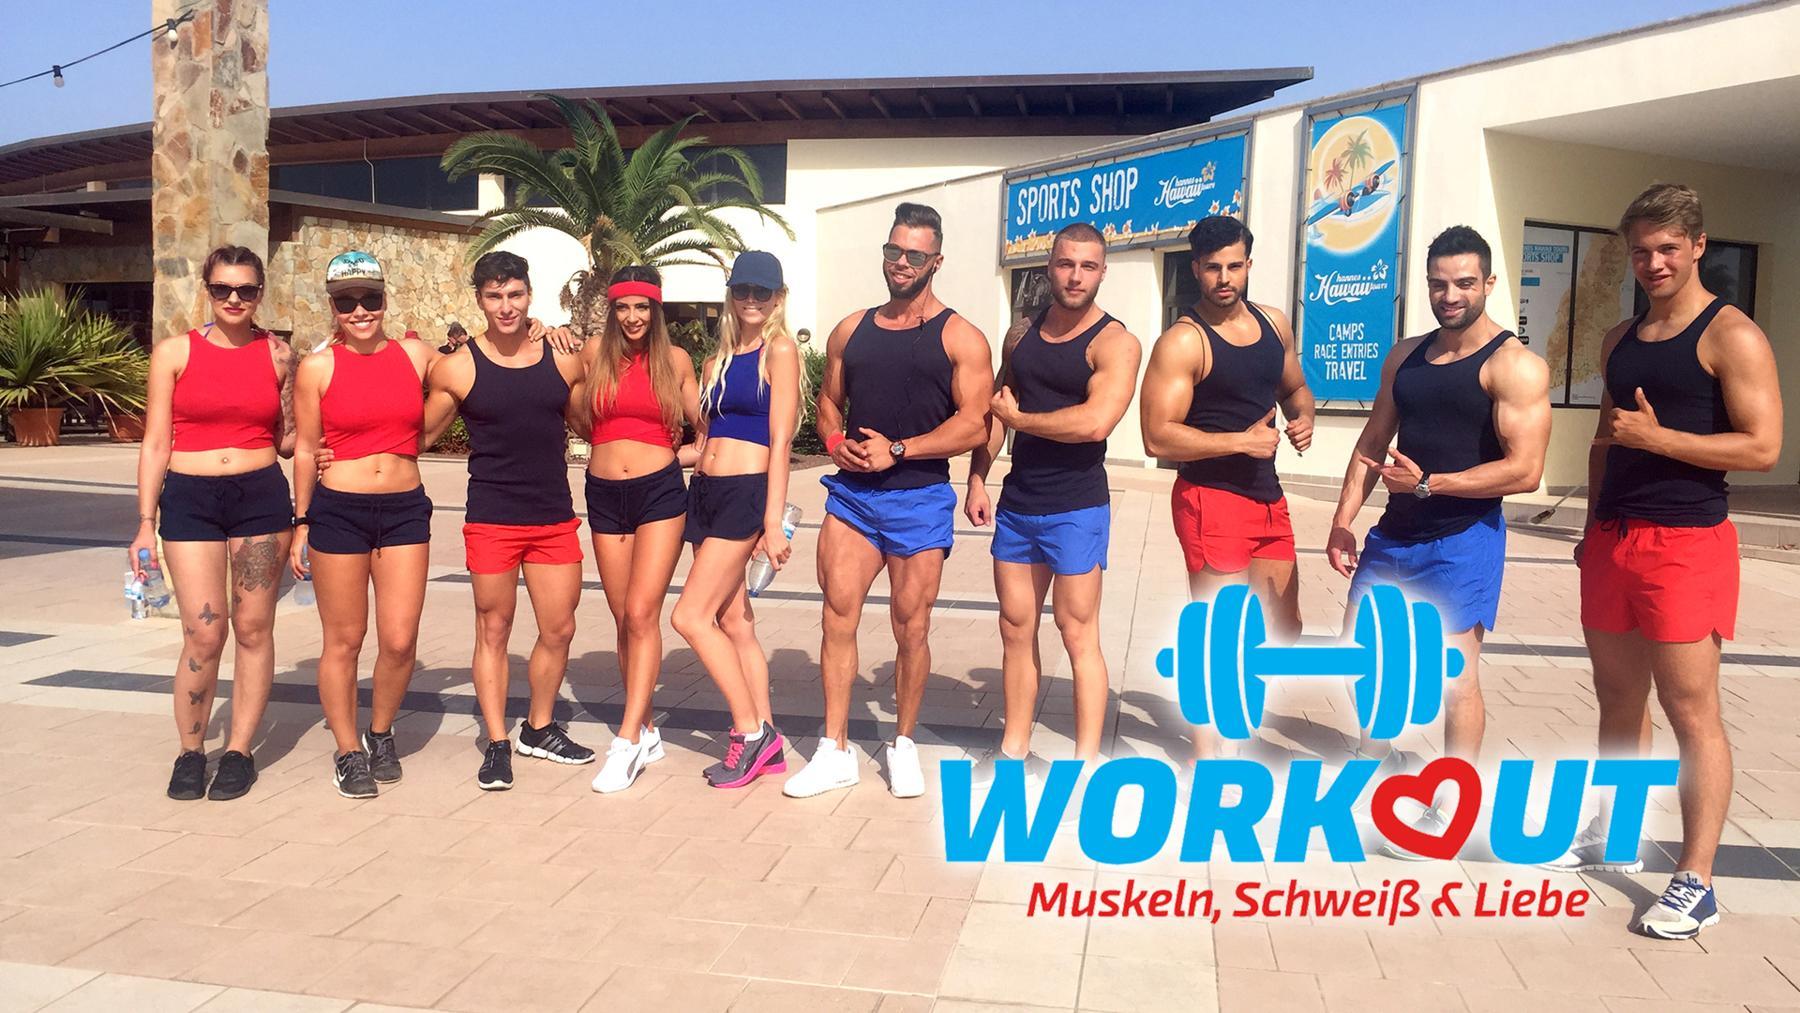 Workout - Muskeln, Schweiß & Liebe